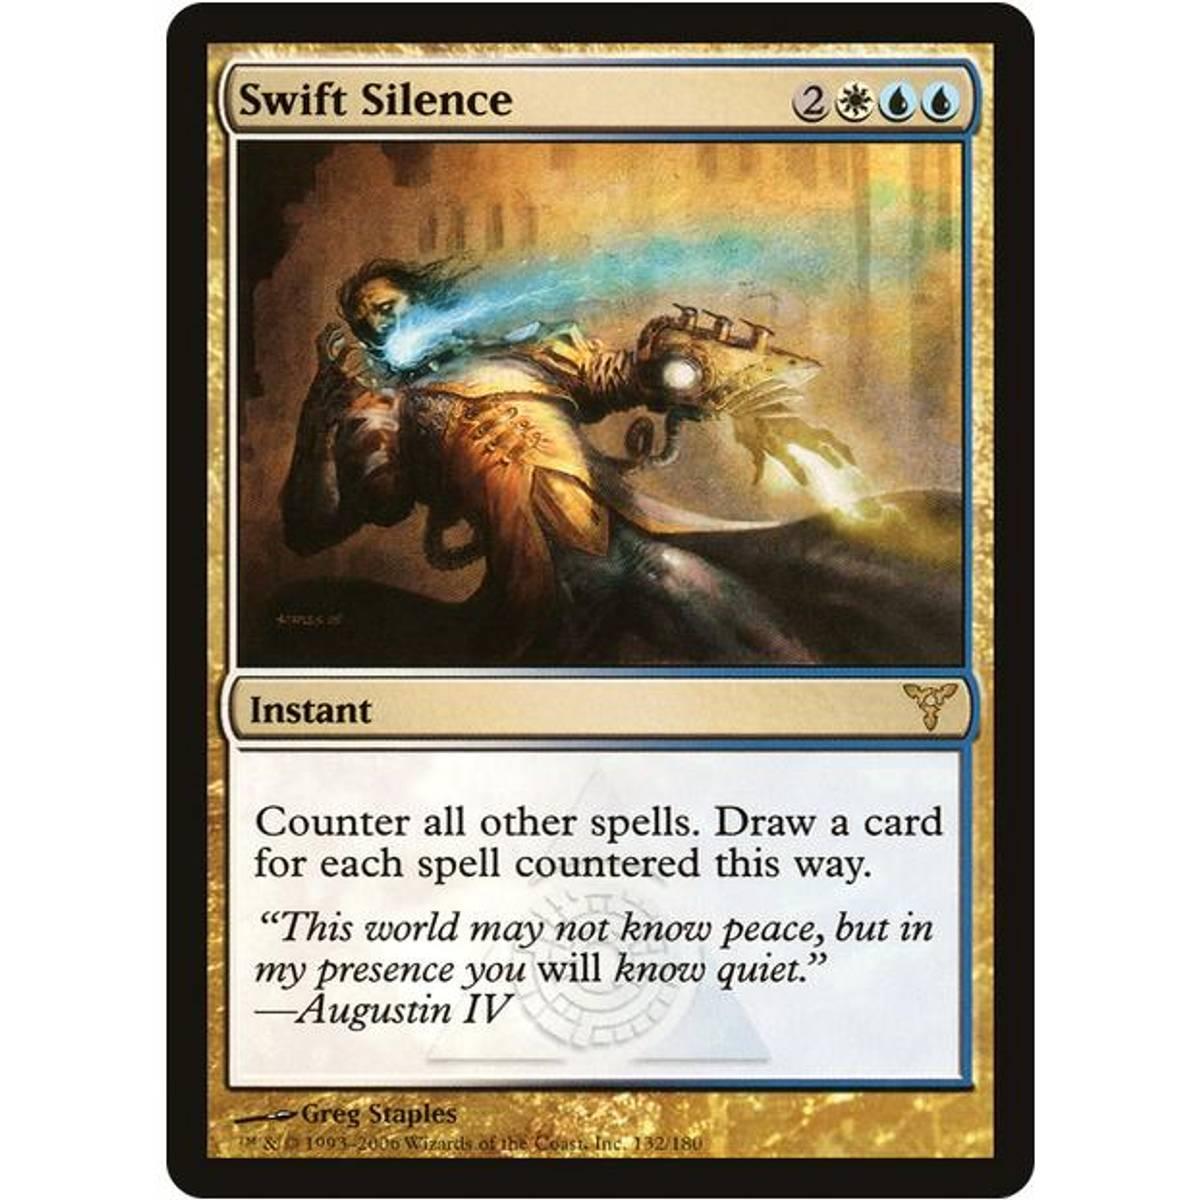 Swift Silence